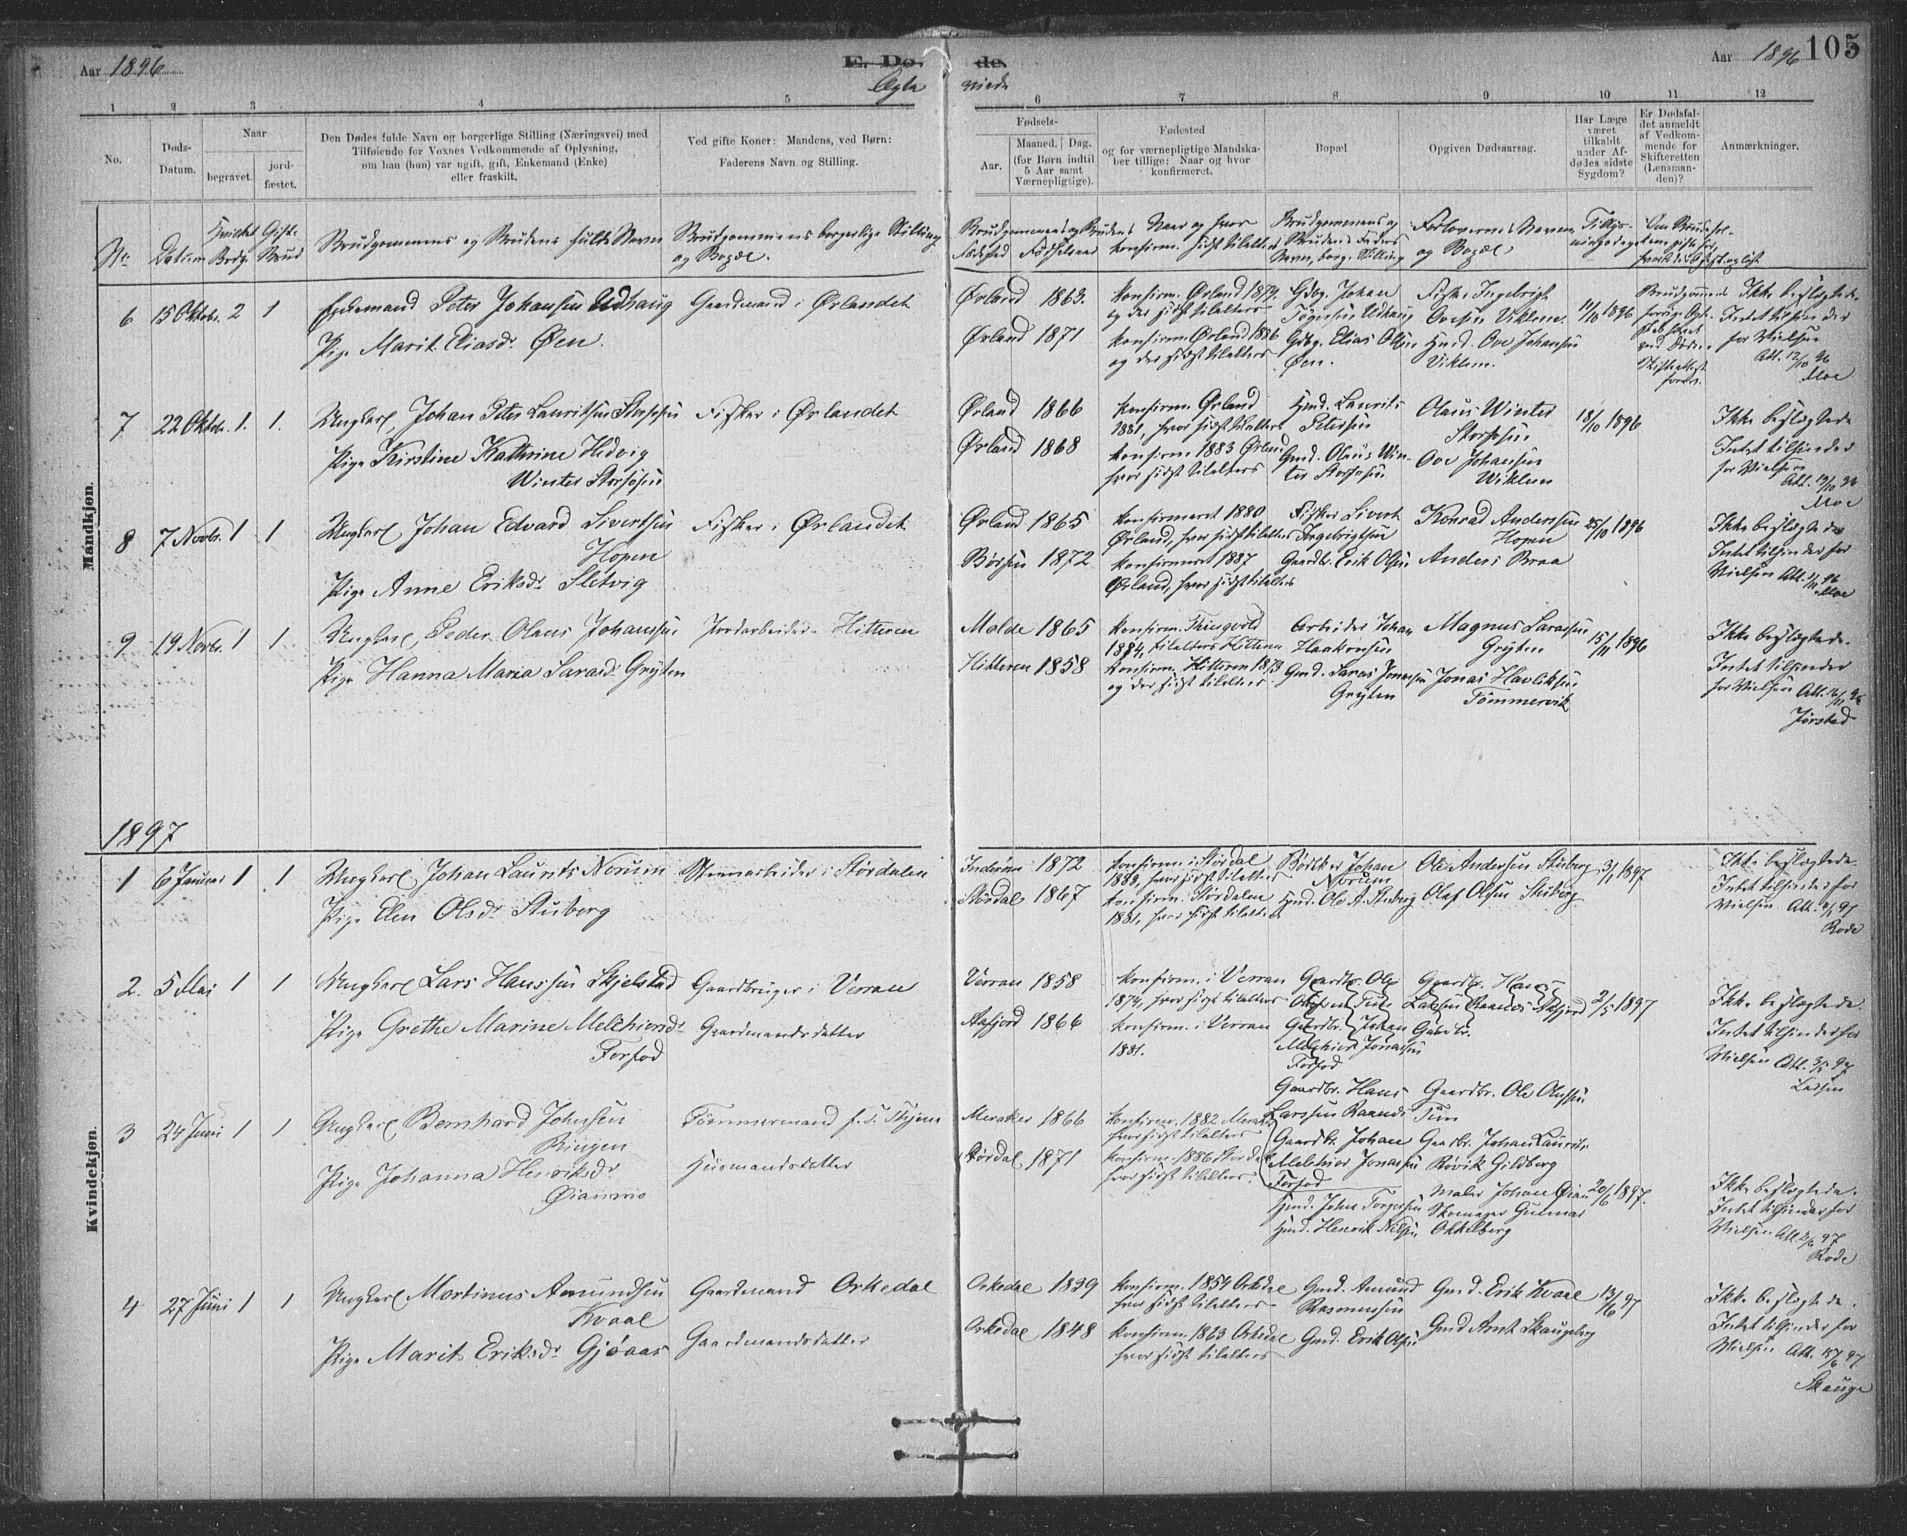 SAT, Ministerialprotokoller, klokkerbøker og fødselsregistre - Sør-Trøndelag, 623/L0470: Ministerialbok nr. 623A04, 1884-1938, s. 105